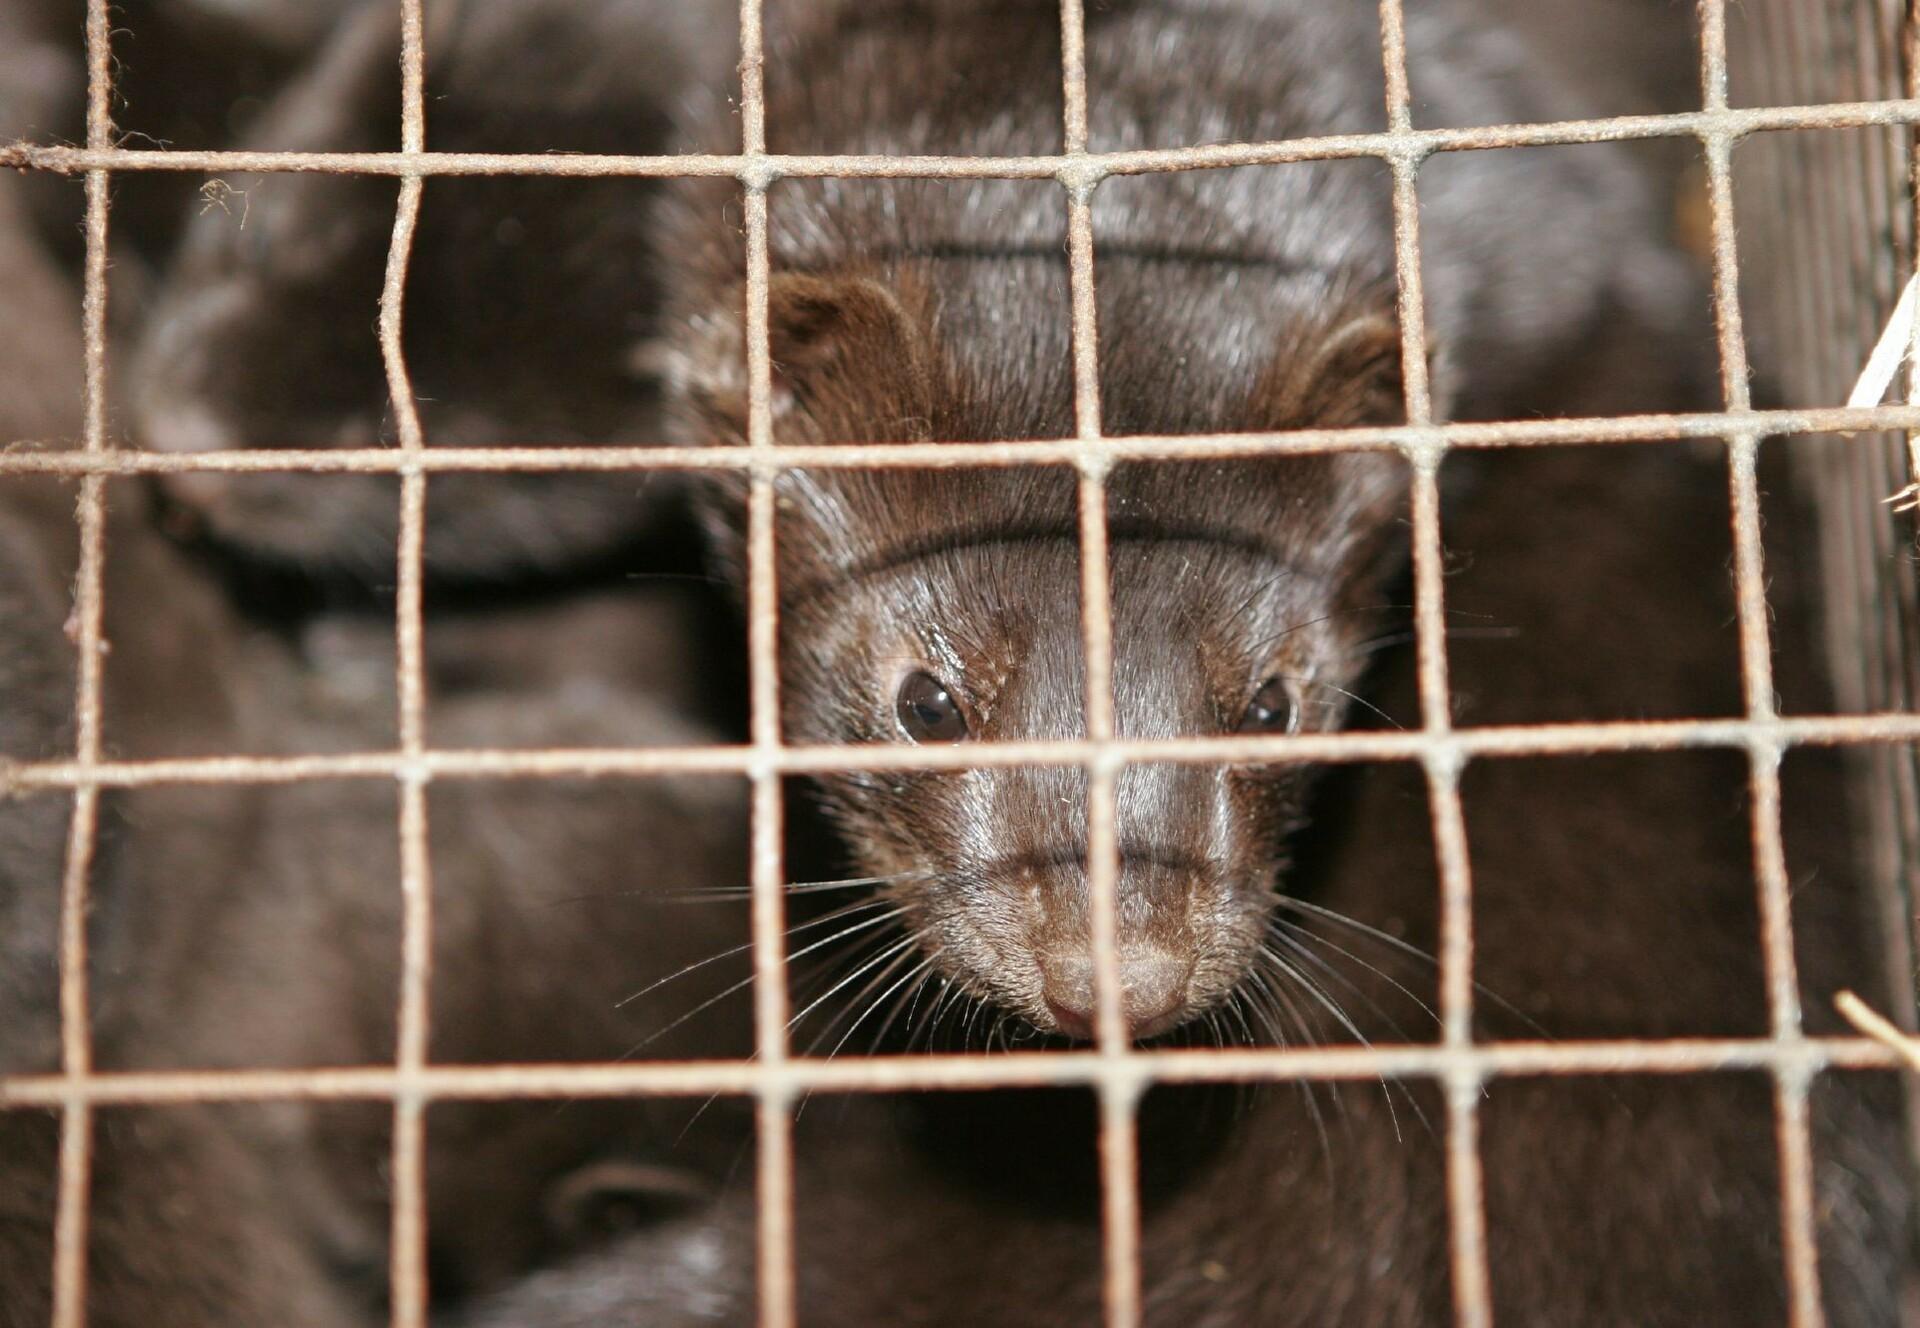 Mink at a fur farm